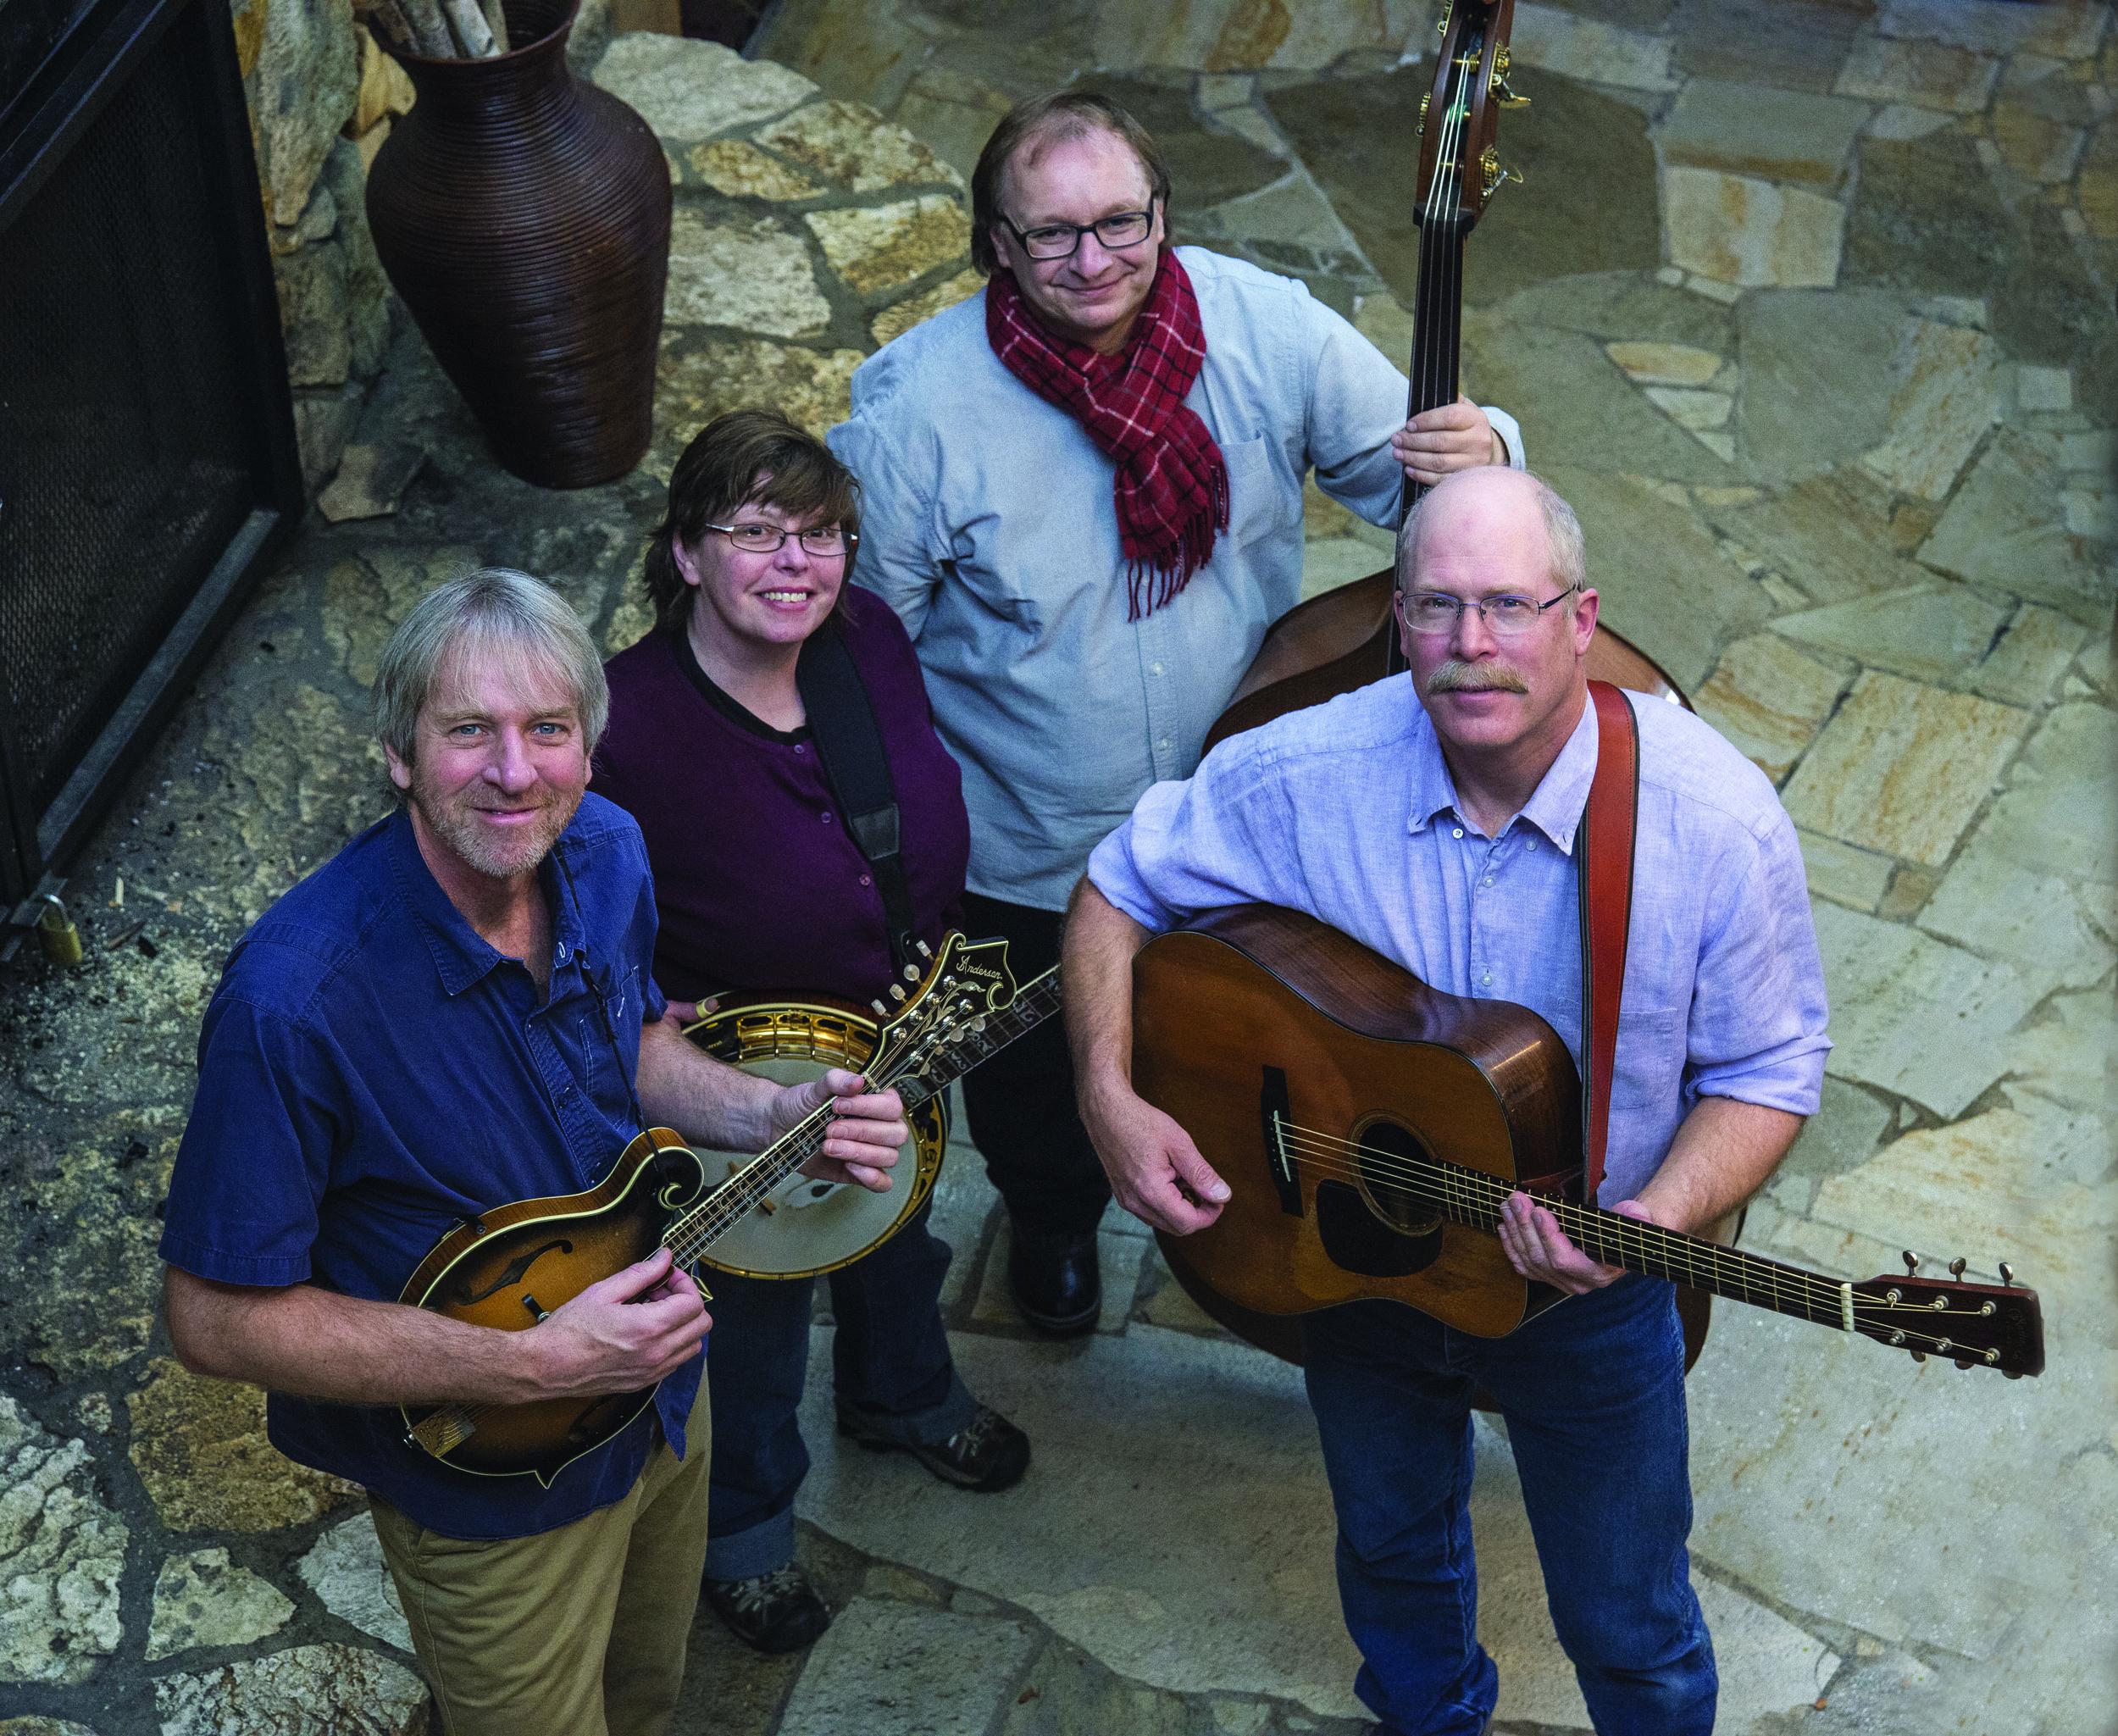 Die John Lowell Band. Von links nach rechts: Tom Murphy, Julie Elkins, Thomas Kärner und John Lowell.